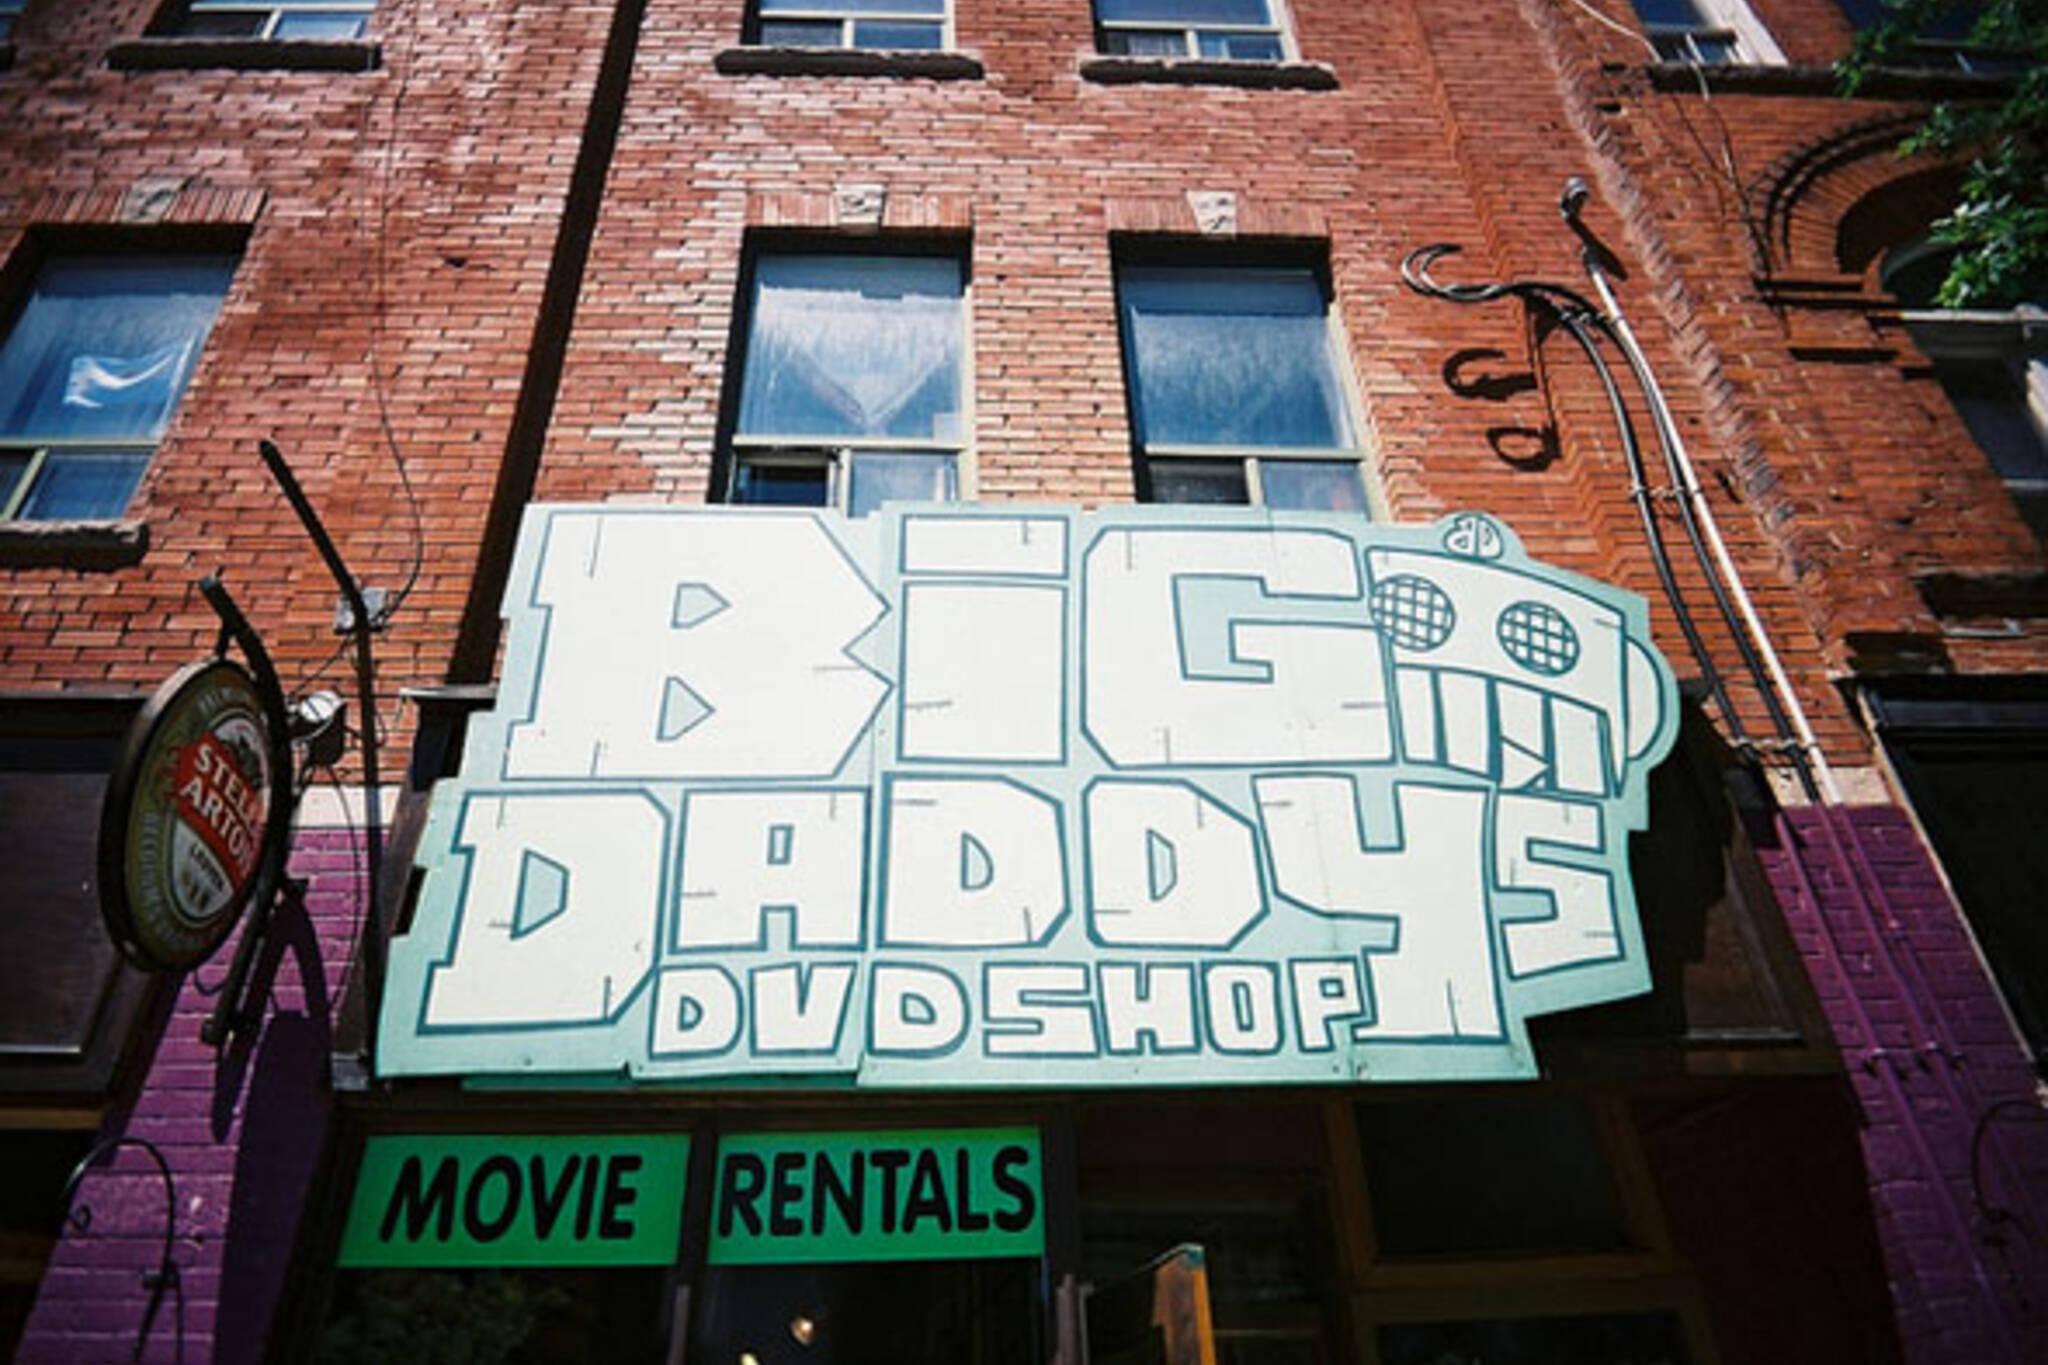 big daddys dvd shop